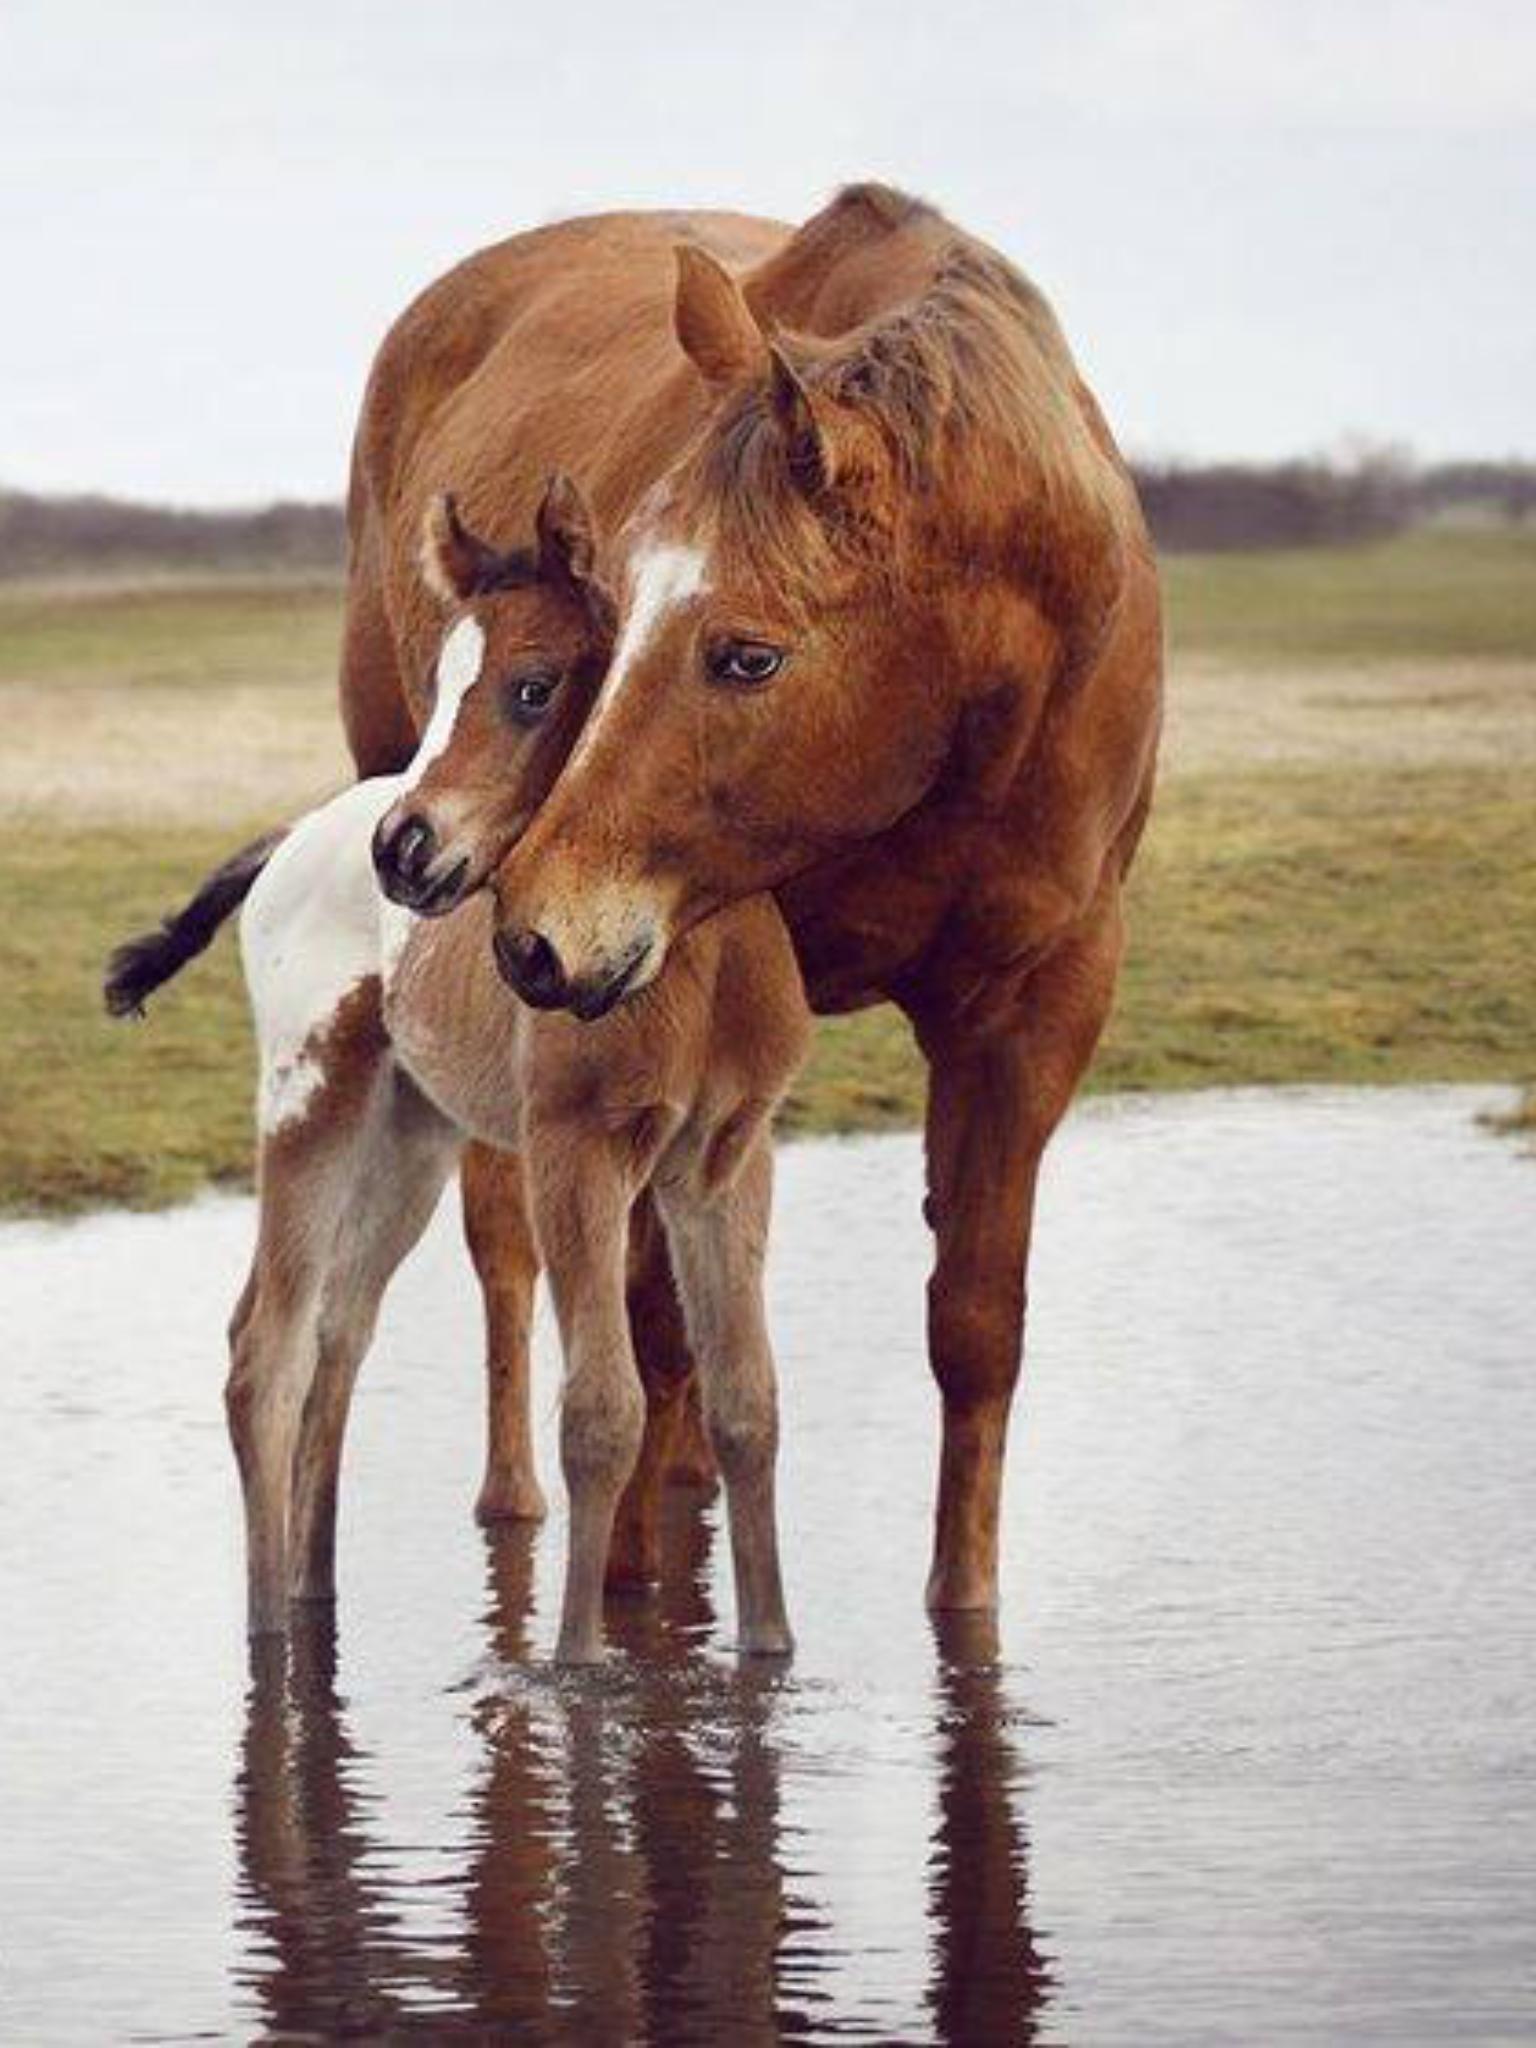 Im Wasser kuschelt dieses Pferd mit dem Fohlen. #APASSIONATA | Free  spirits, horses❤ | Pinterest | Horse, Animal and Funny animal - PNG Fohlen